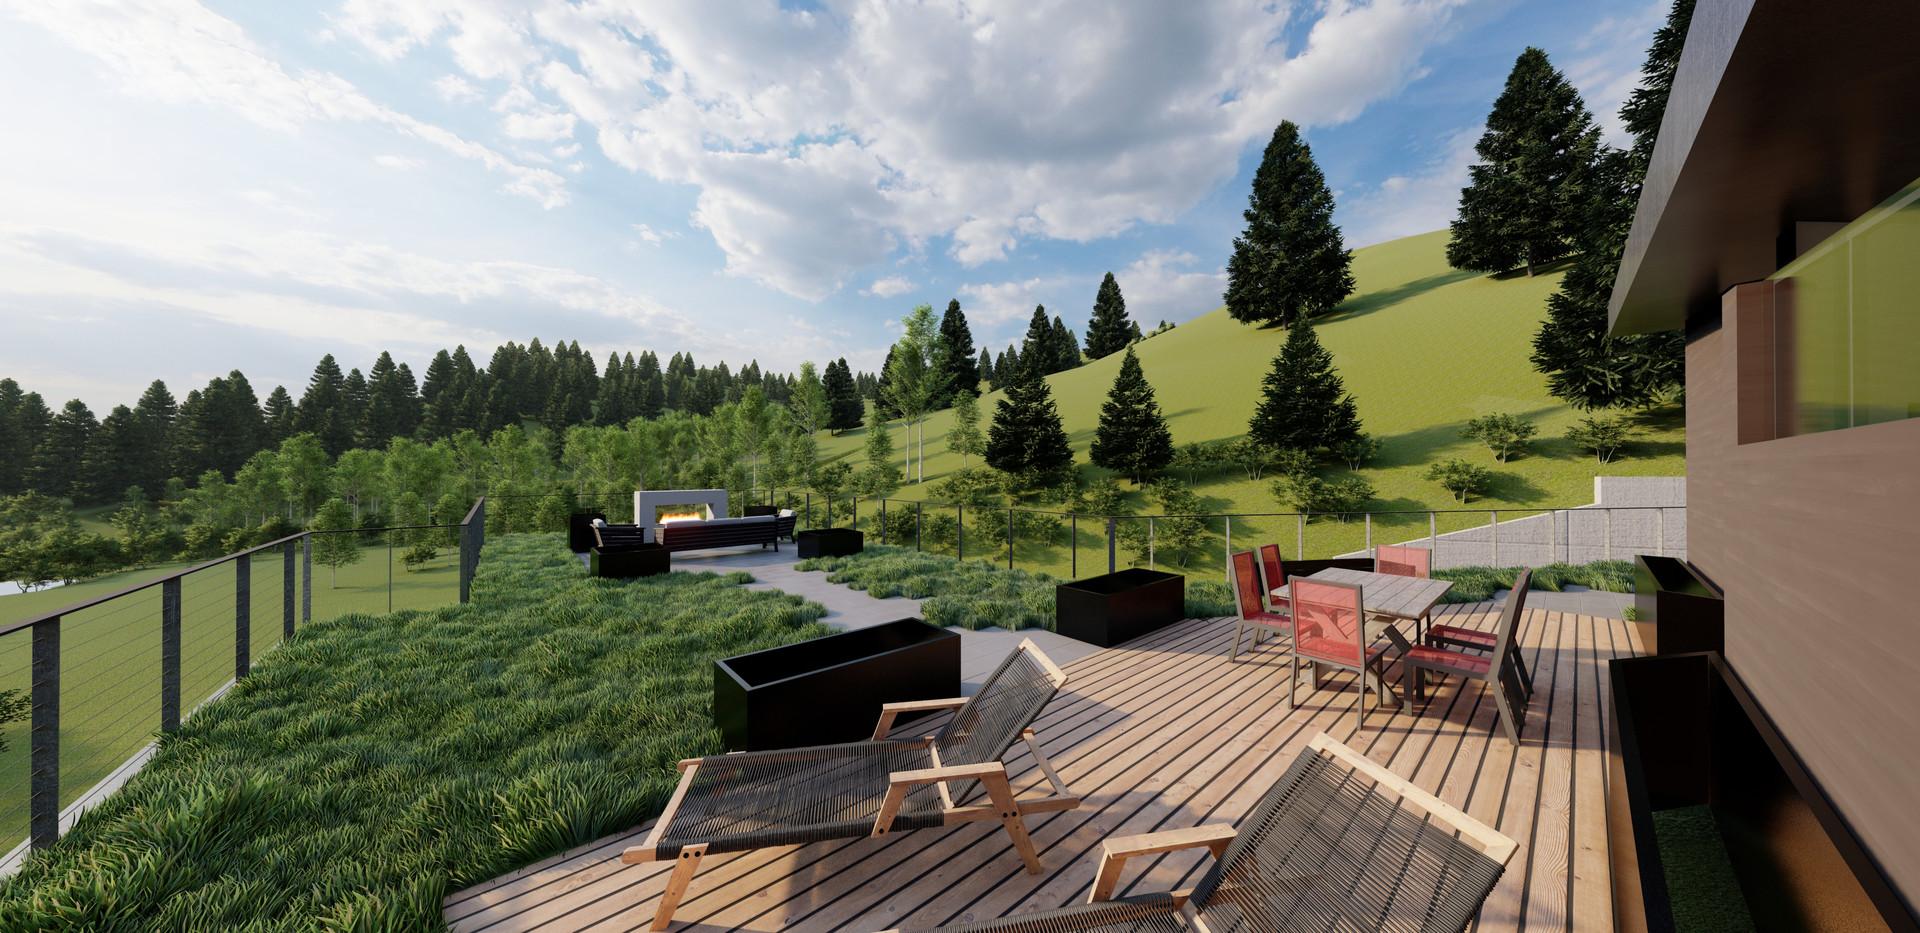 Creekside Terrace - Roof Deck.jpg